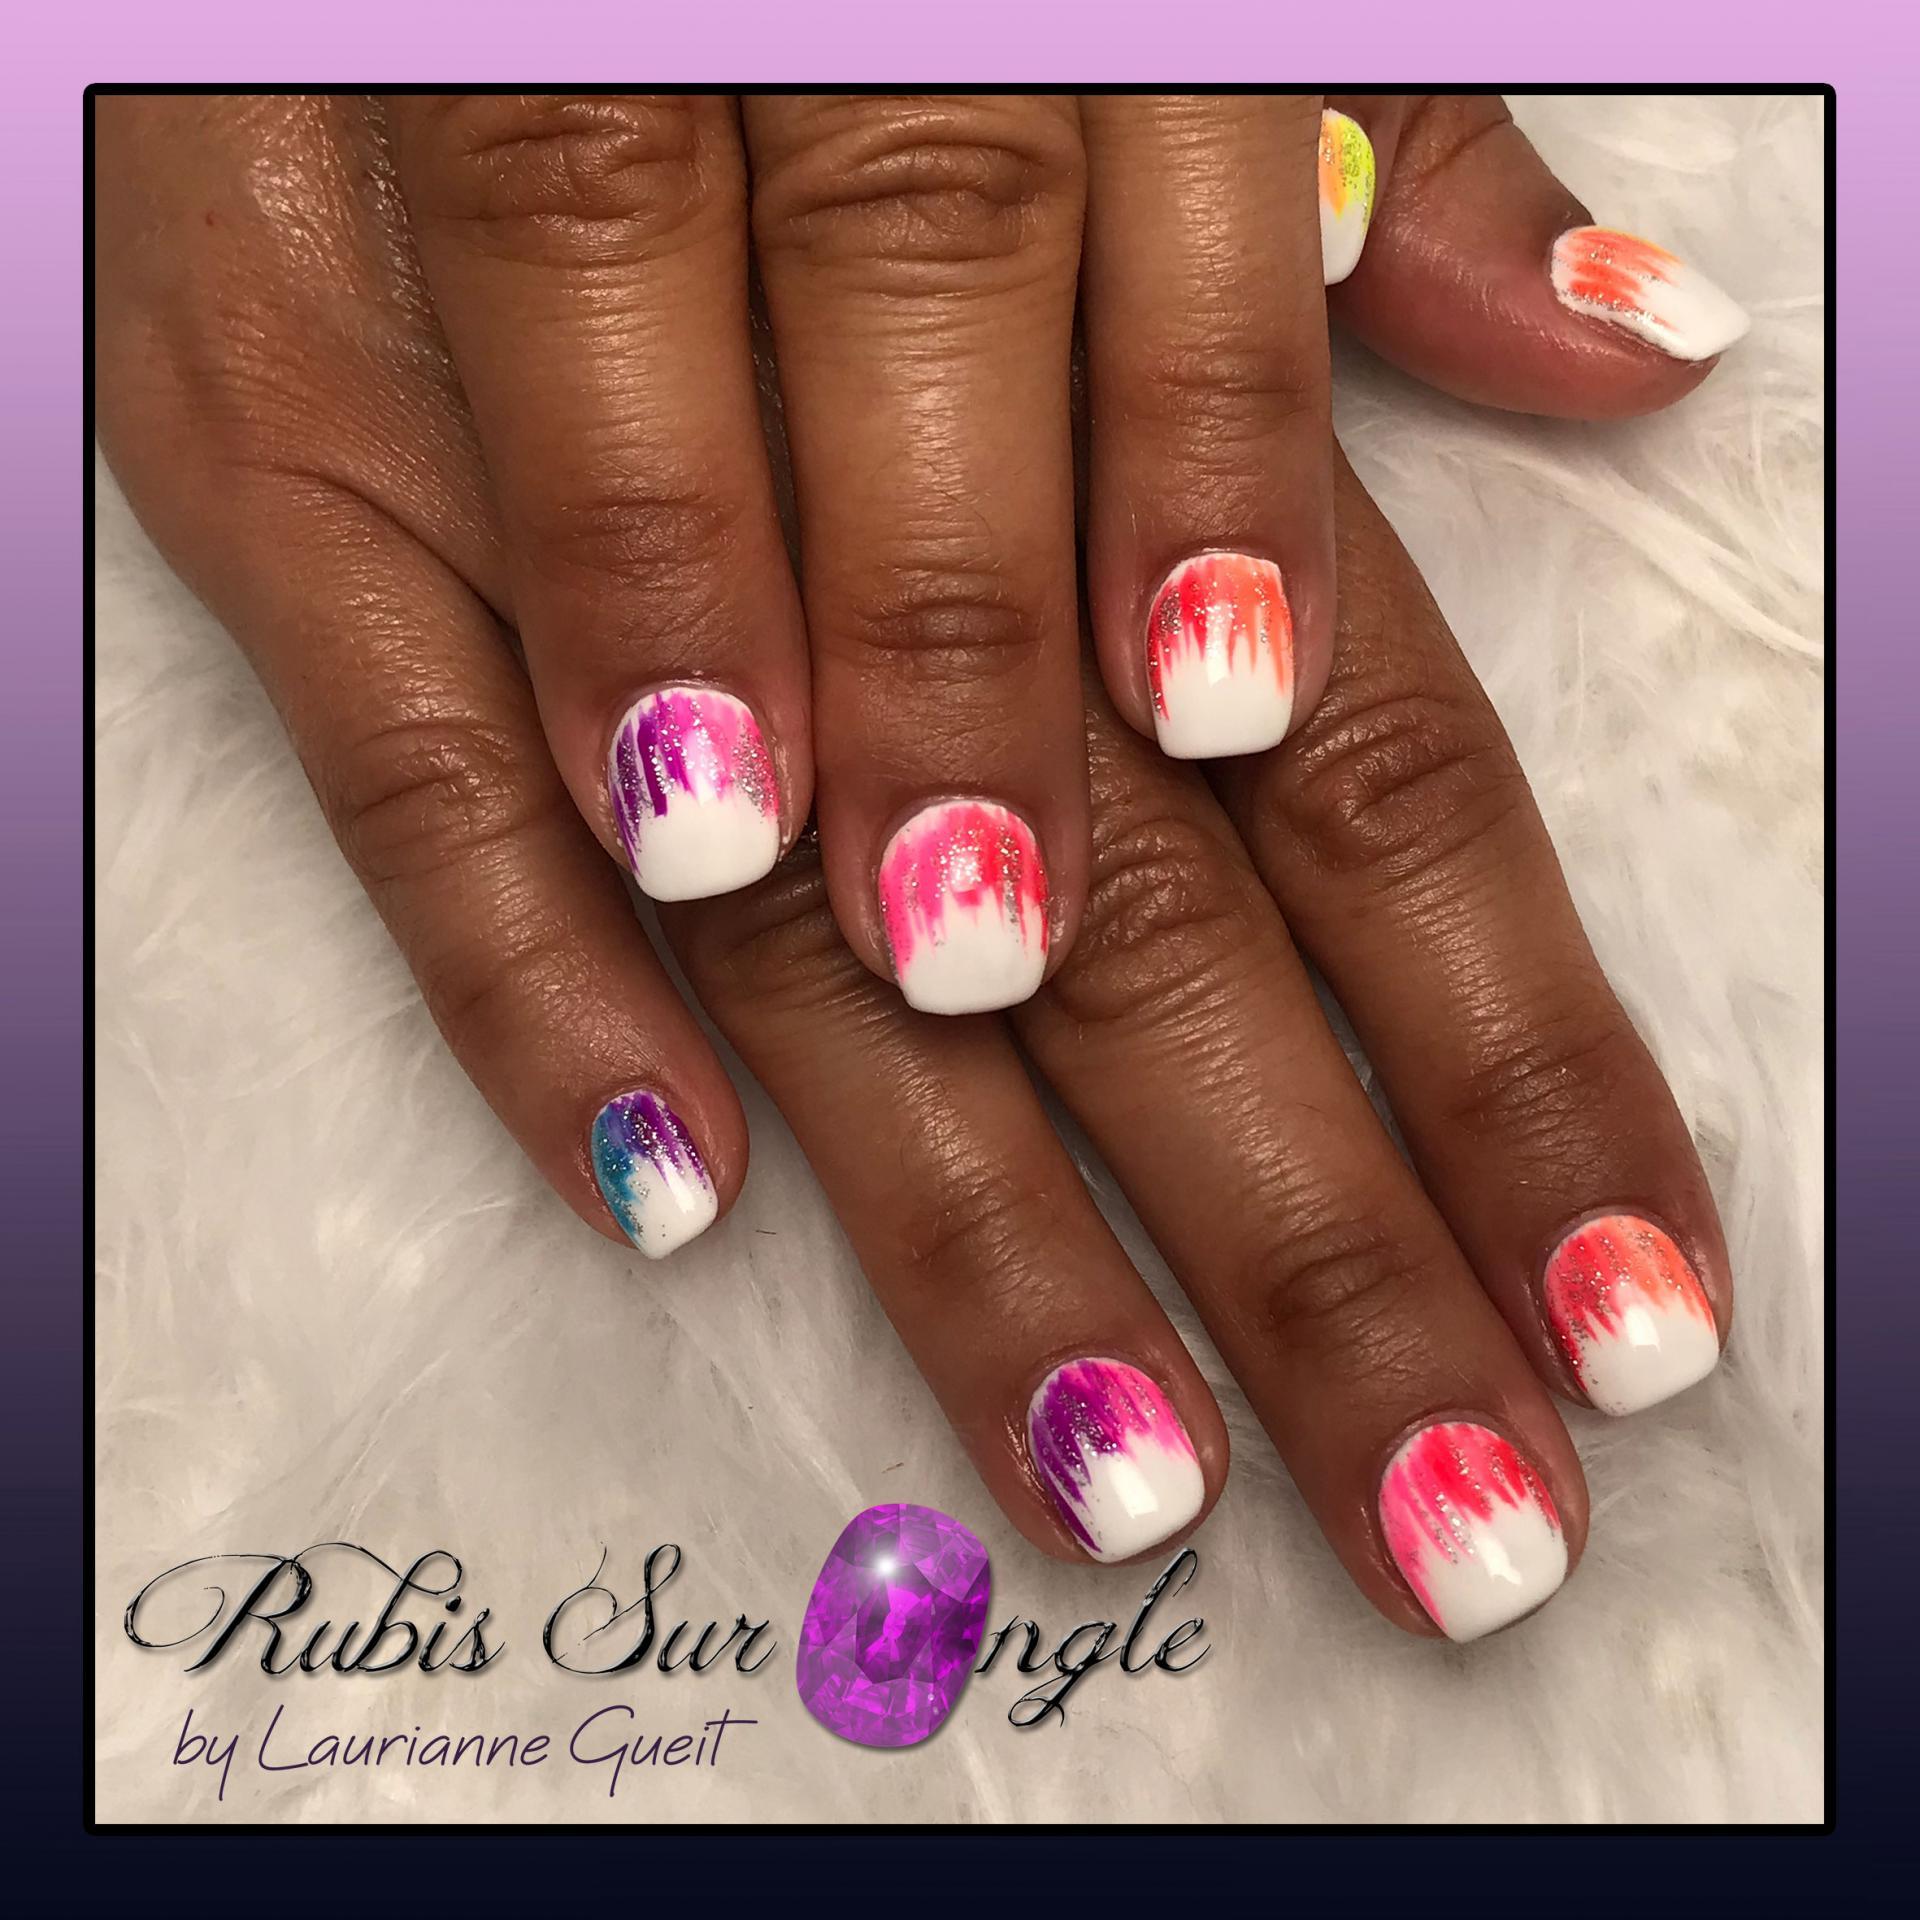 Rubis-Sur-Ongle-Nail-Art-Ete-Multicolor